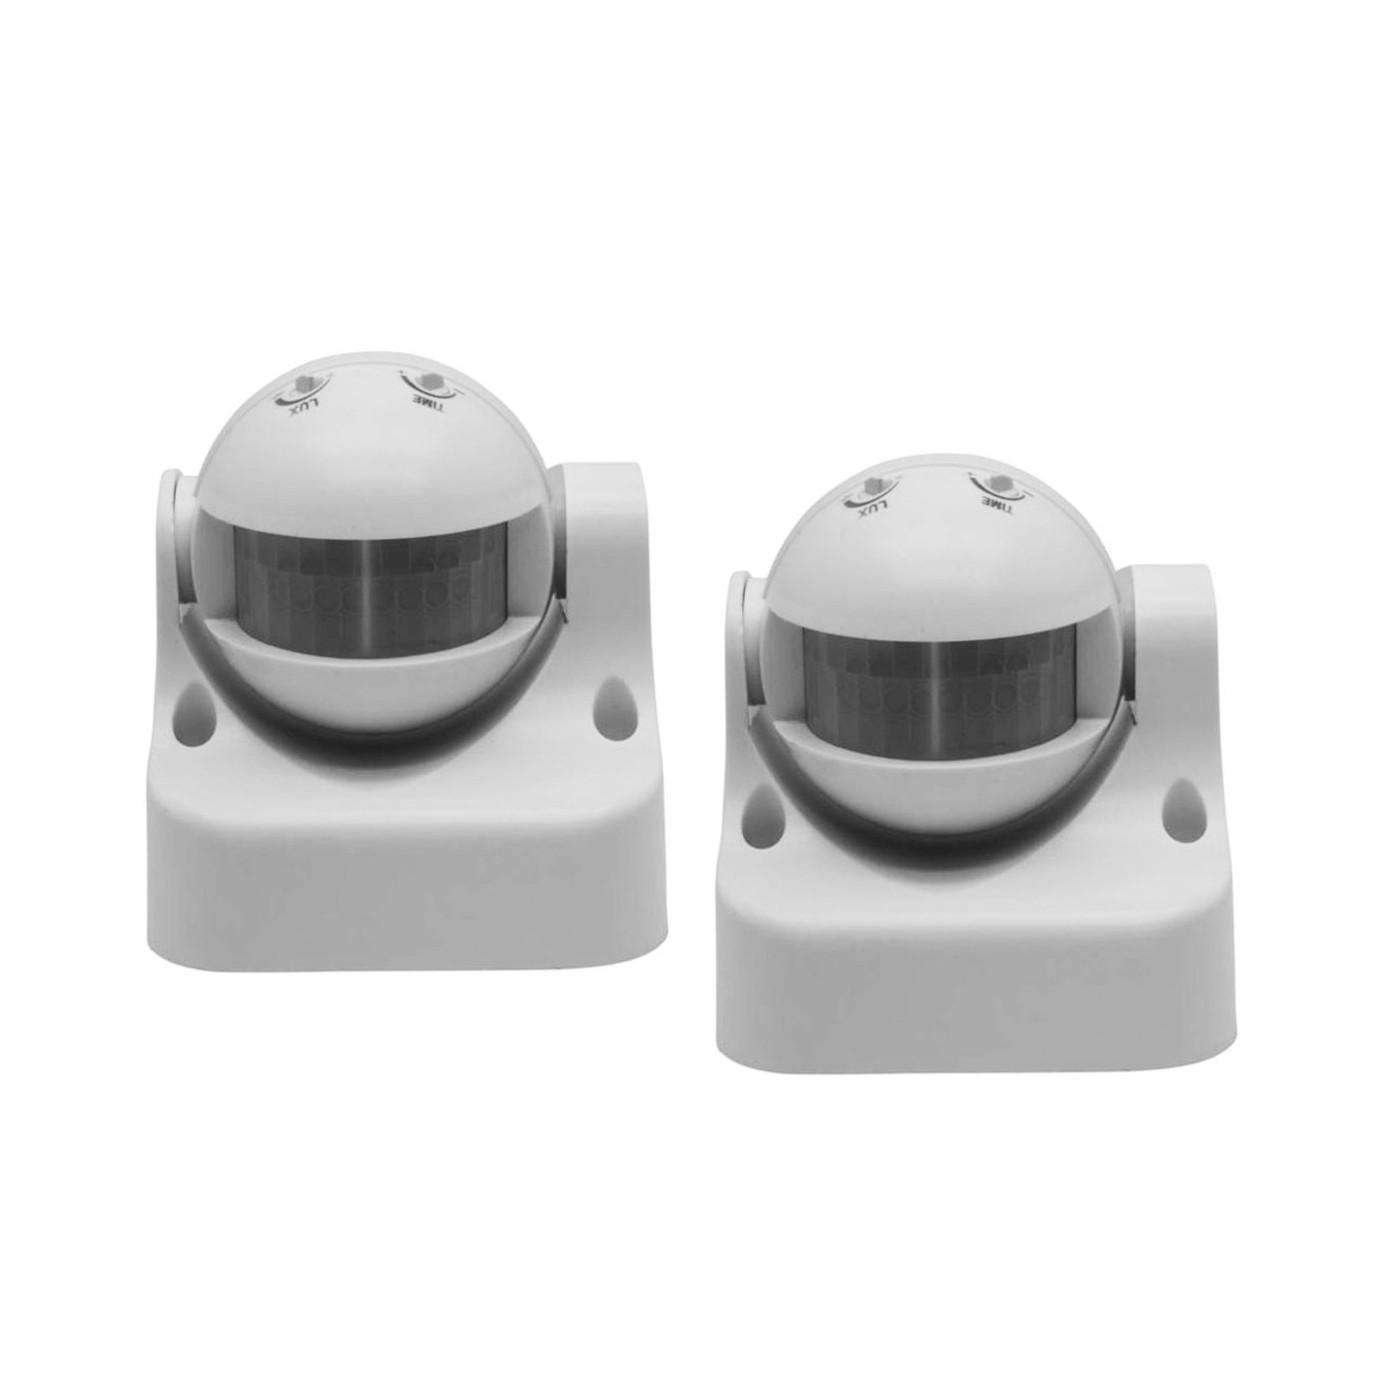 Jeu de 2 détecteurs de mouvement (en saillie, 230 volts, 50 Hz